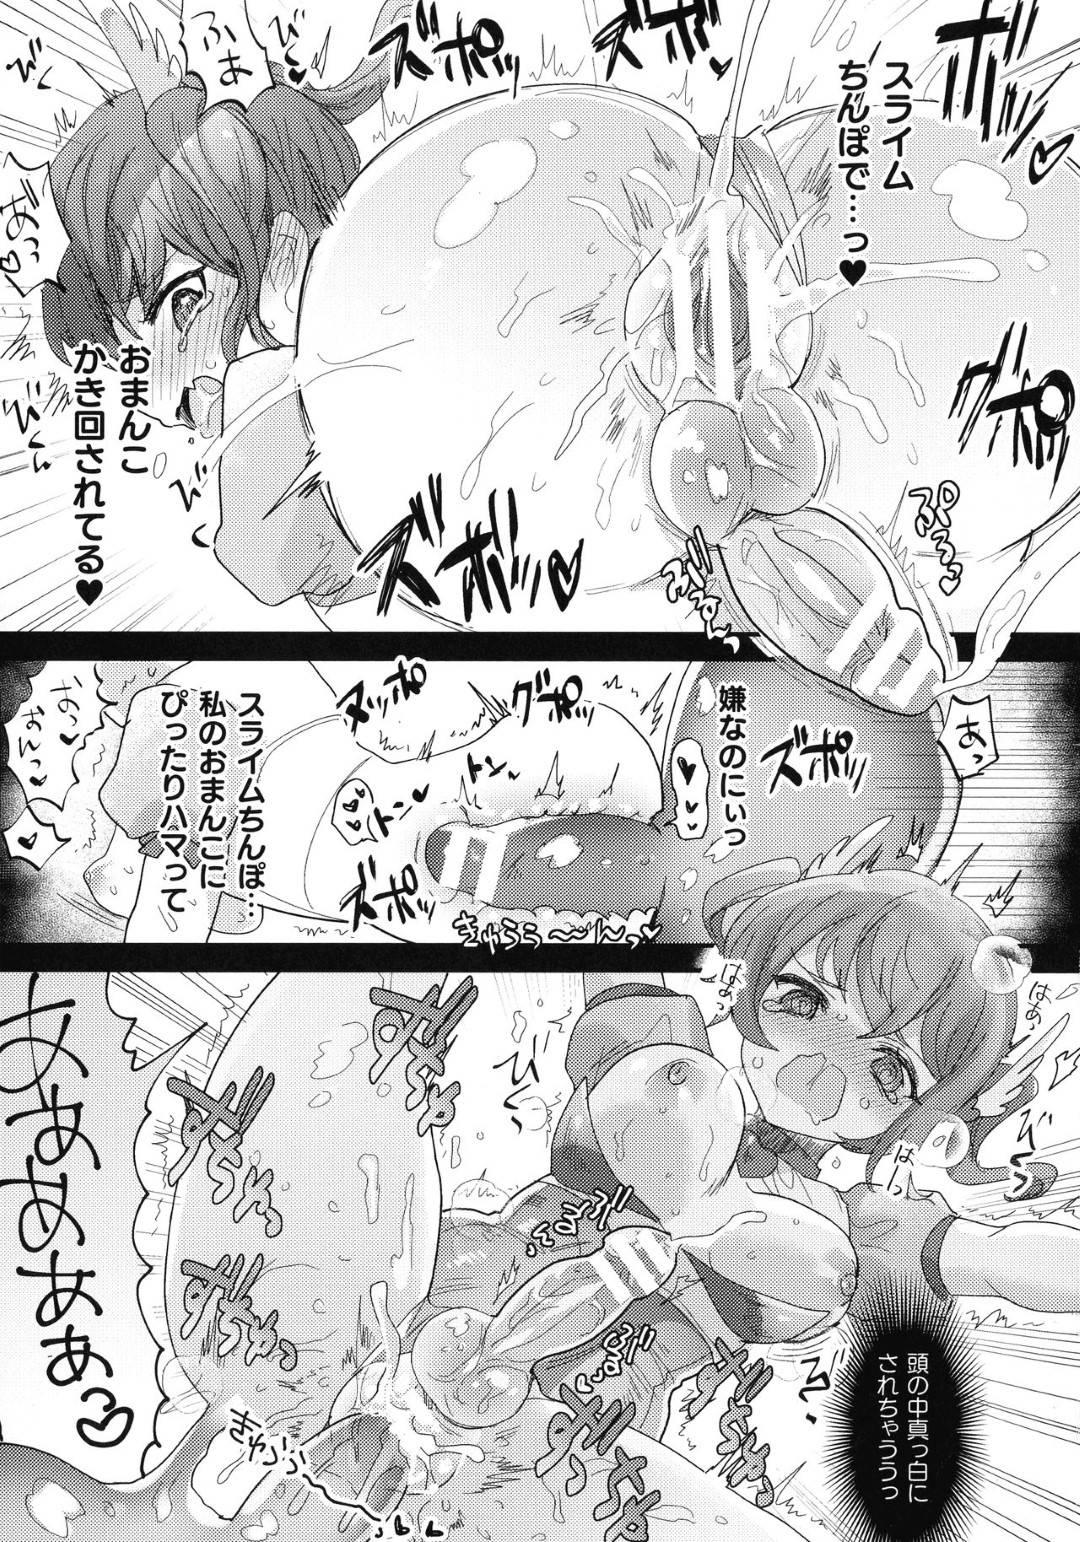 【エロ漫画】魔力によってふたなりチンポを生やされてしまった搾精エンゼルズのヒロイン。彼女は同じくふたなりチンポを生やされてしまった仲間に欲情されてしまい、ふたなりセックスする展開となってしまう!